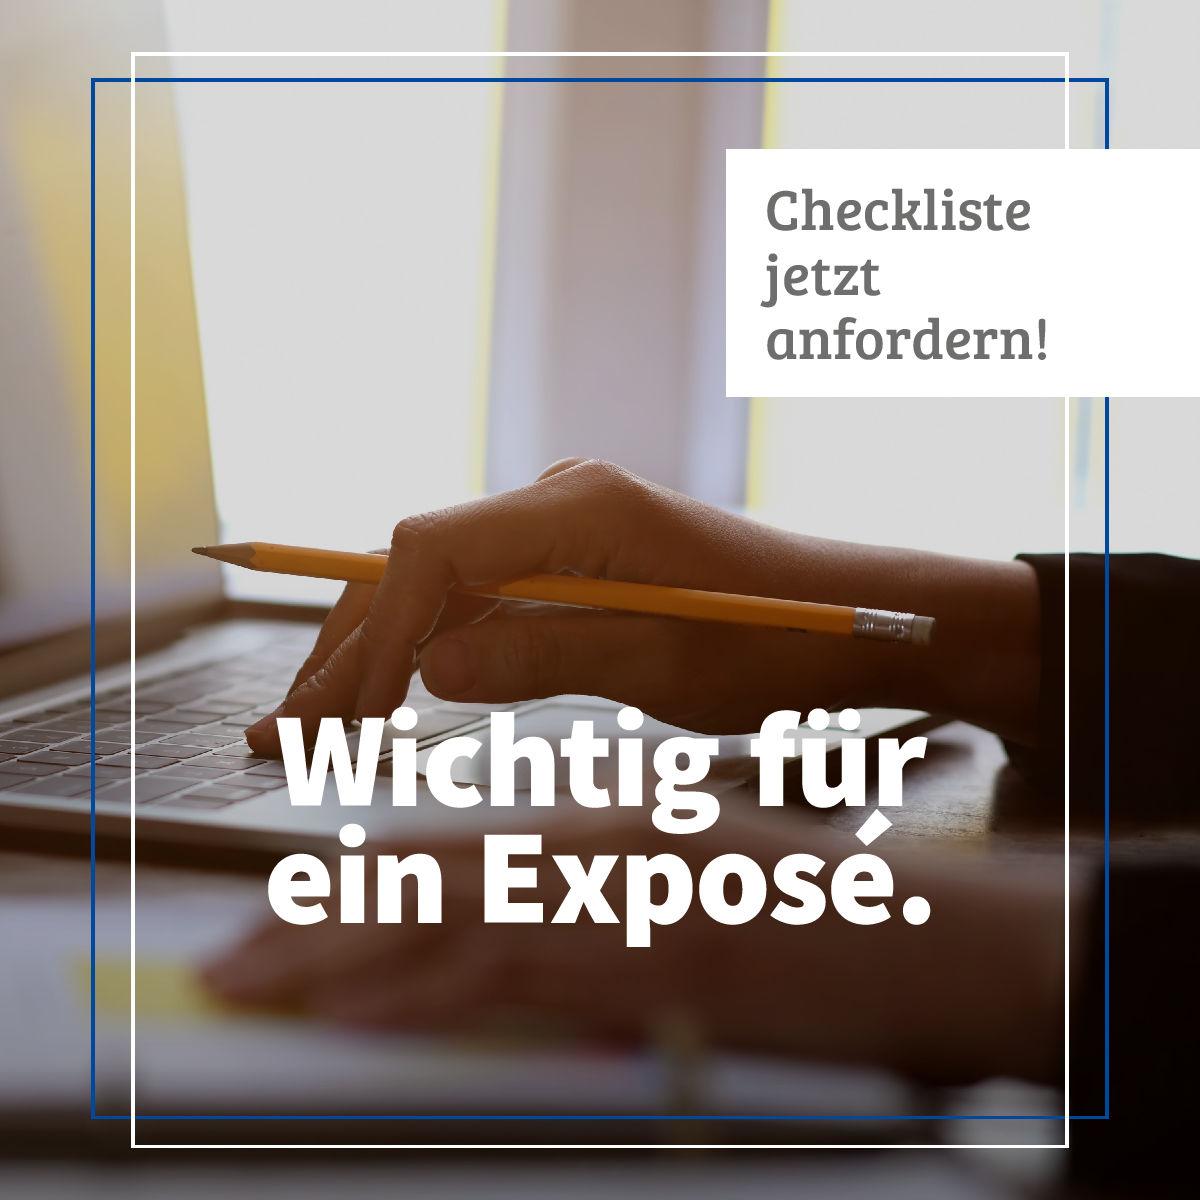 Mayer_und_Dau_Was_für_ein_gutes_Exposé_wichtig_ist_Social-Media